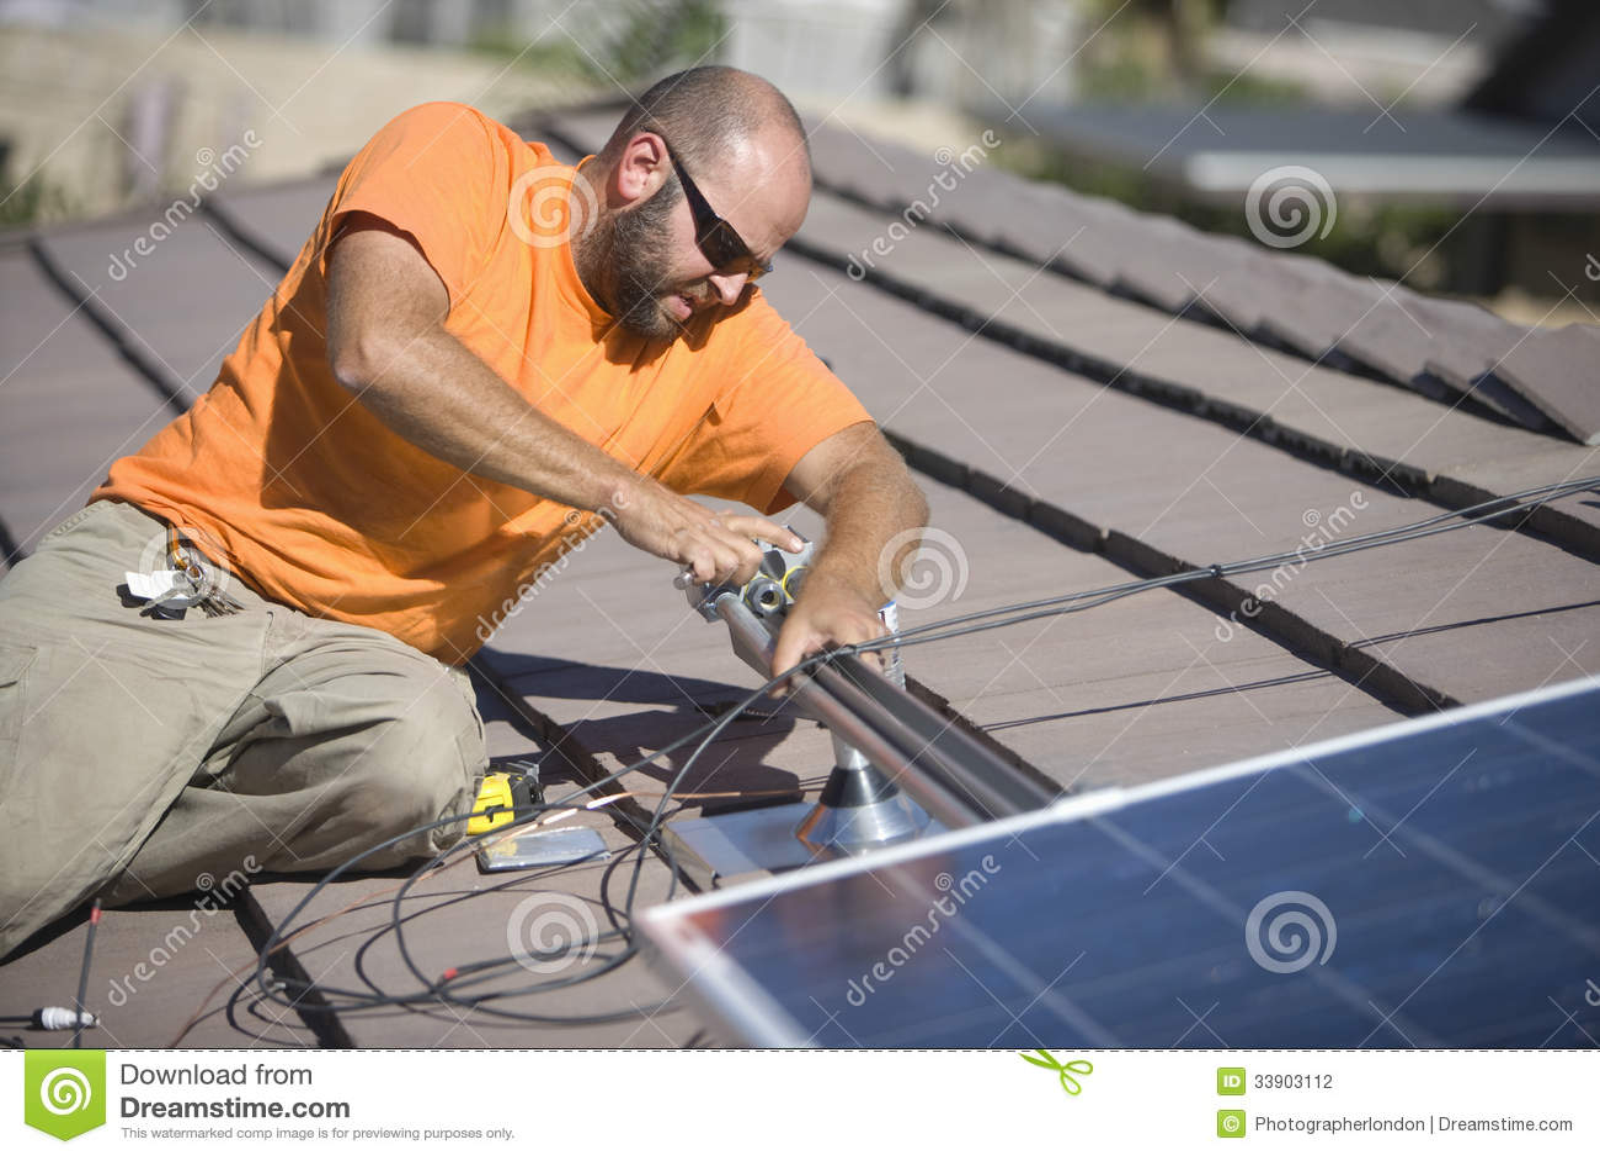 Καθορίζοντας ηλιακό πλαίσιο μηχανικών στη στέγη